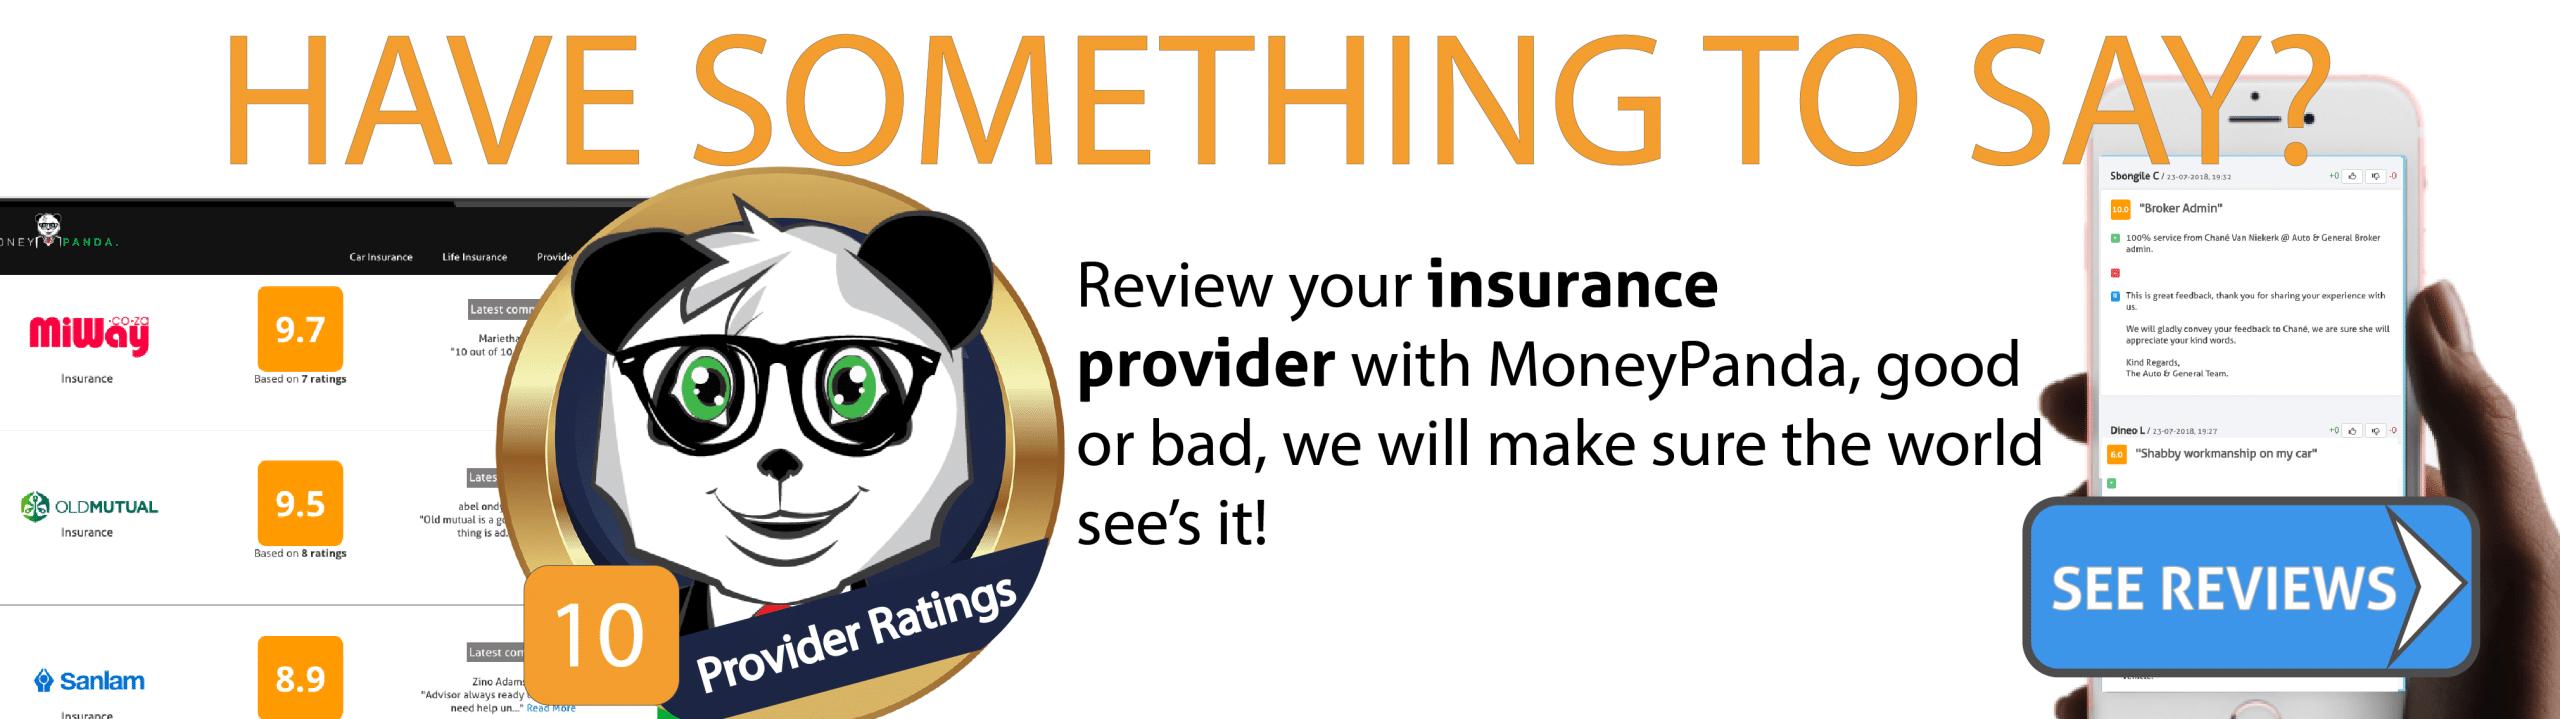 car insurance provider reviews south africa MoneyPanda